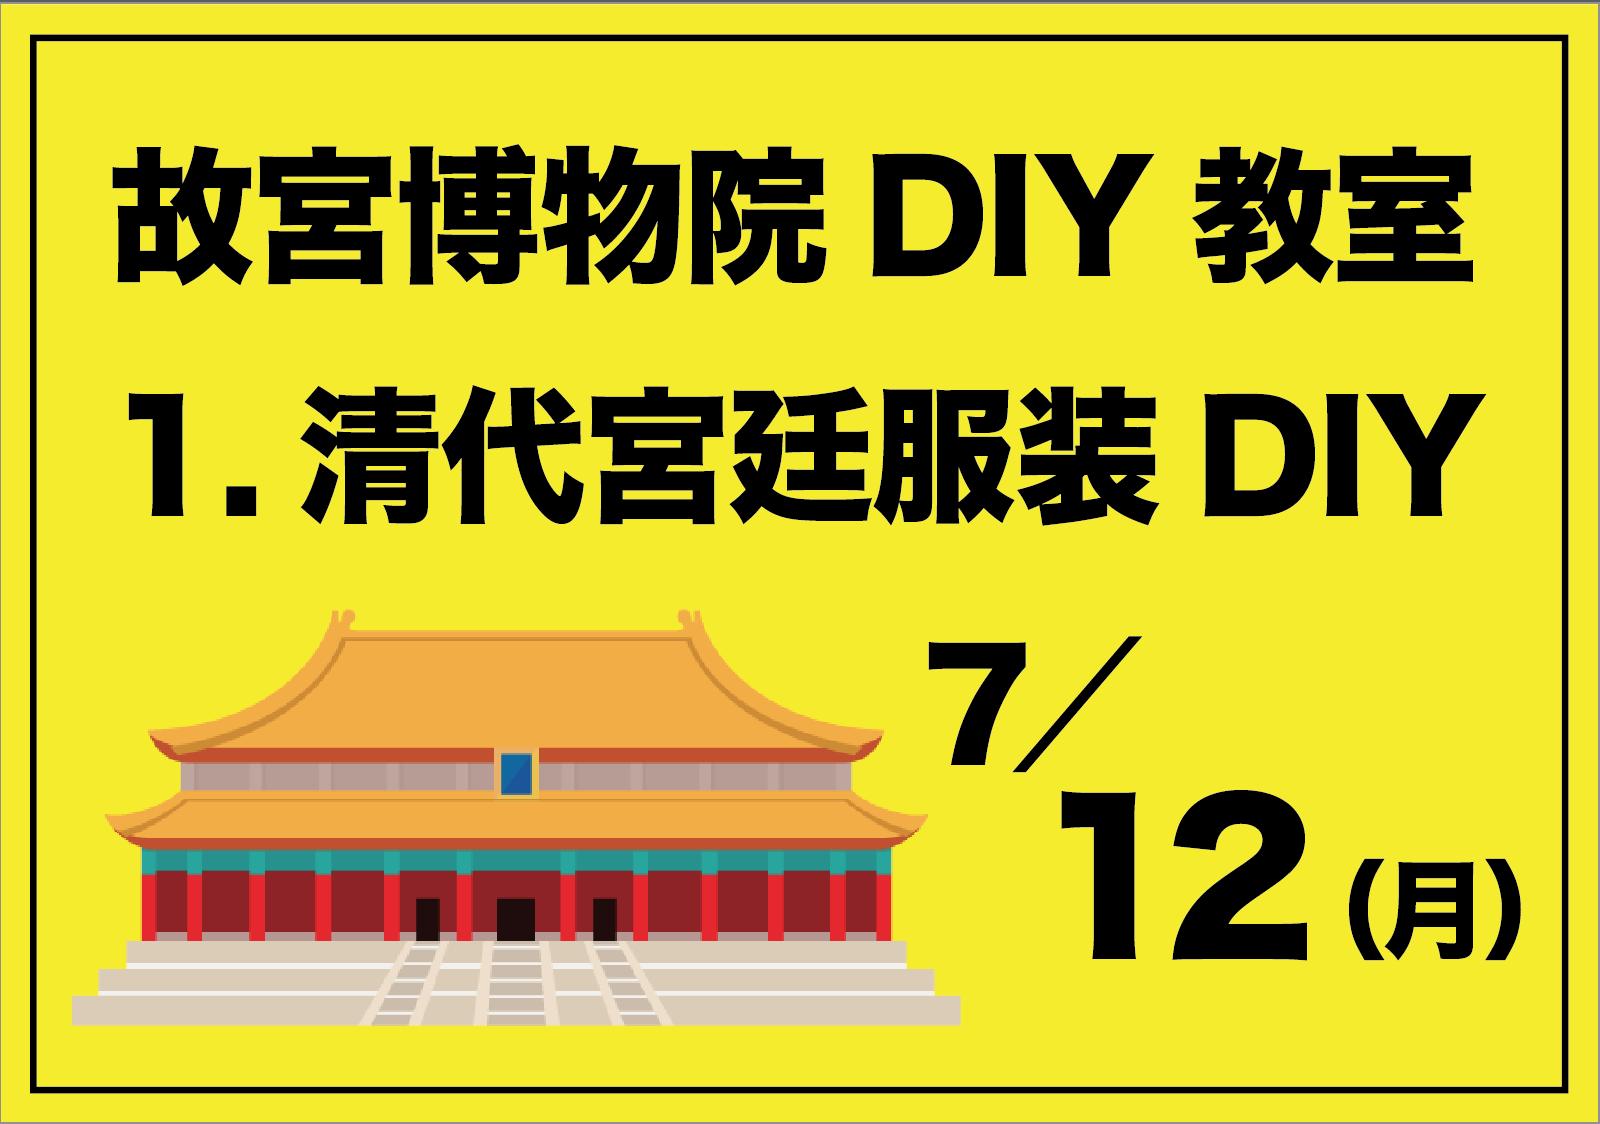 故宮博物院DIY教室「1.清代宮廷服装DIY」7月12日